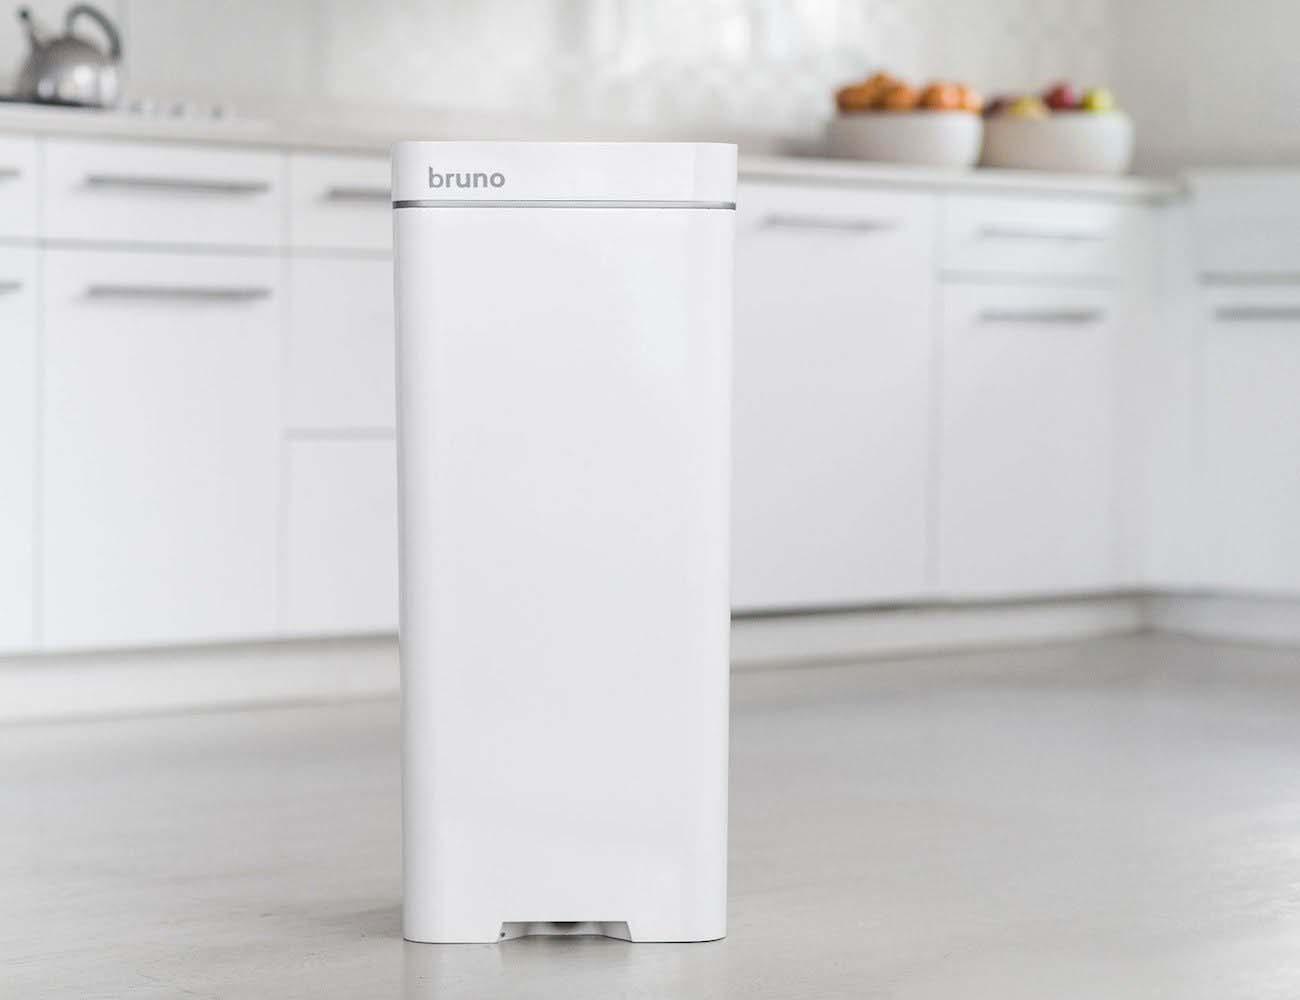 Bruno+Smartcan